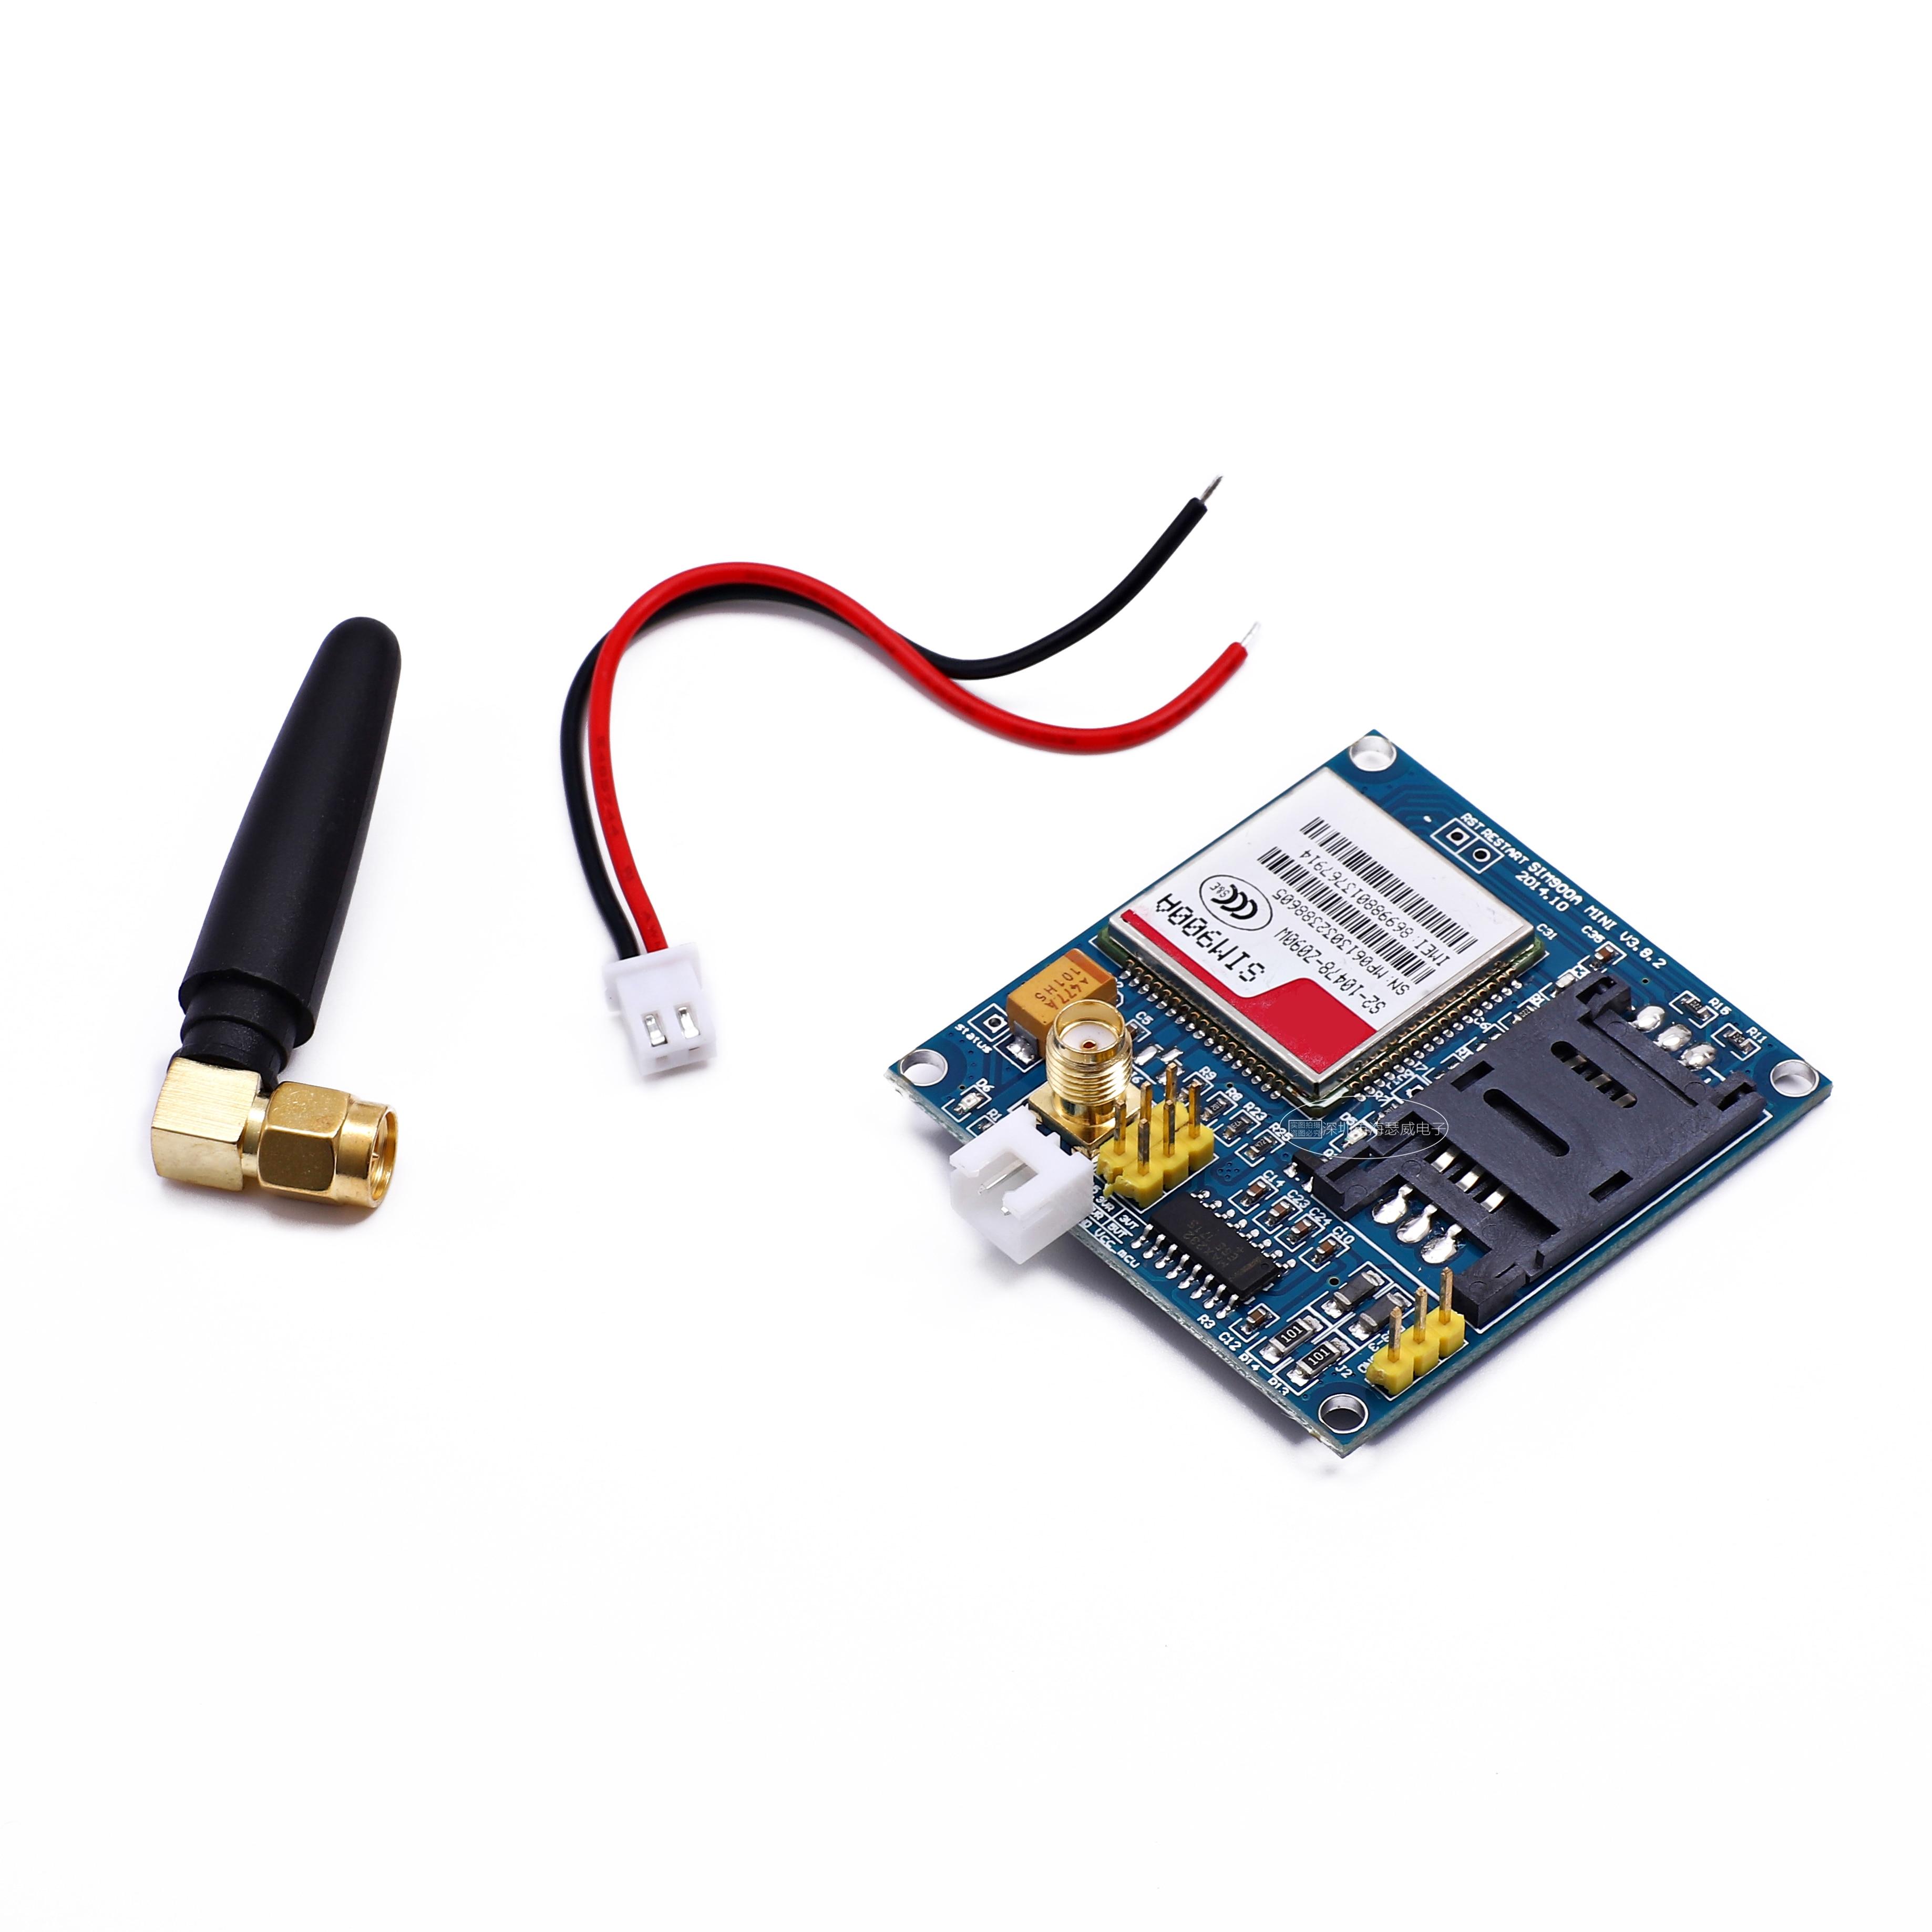 Sim900a v4.0 kit módulo de extensão sem fio gsm gprs placa antena testado em todo o mundo loja para arduino